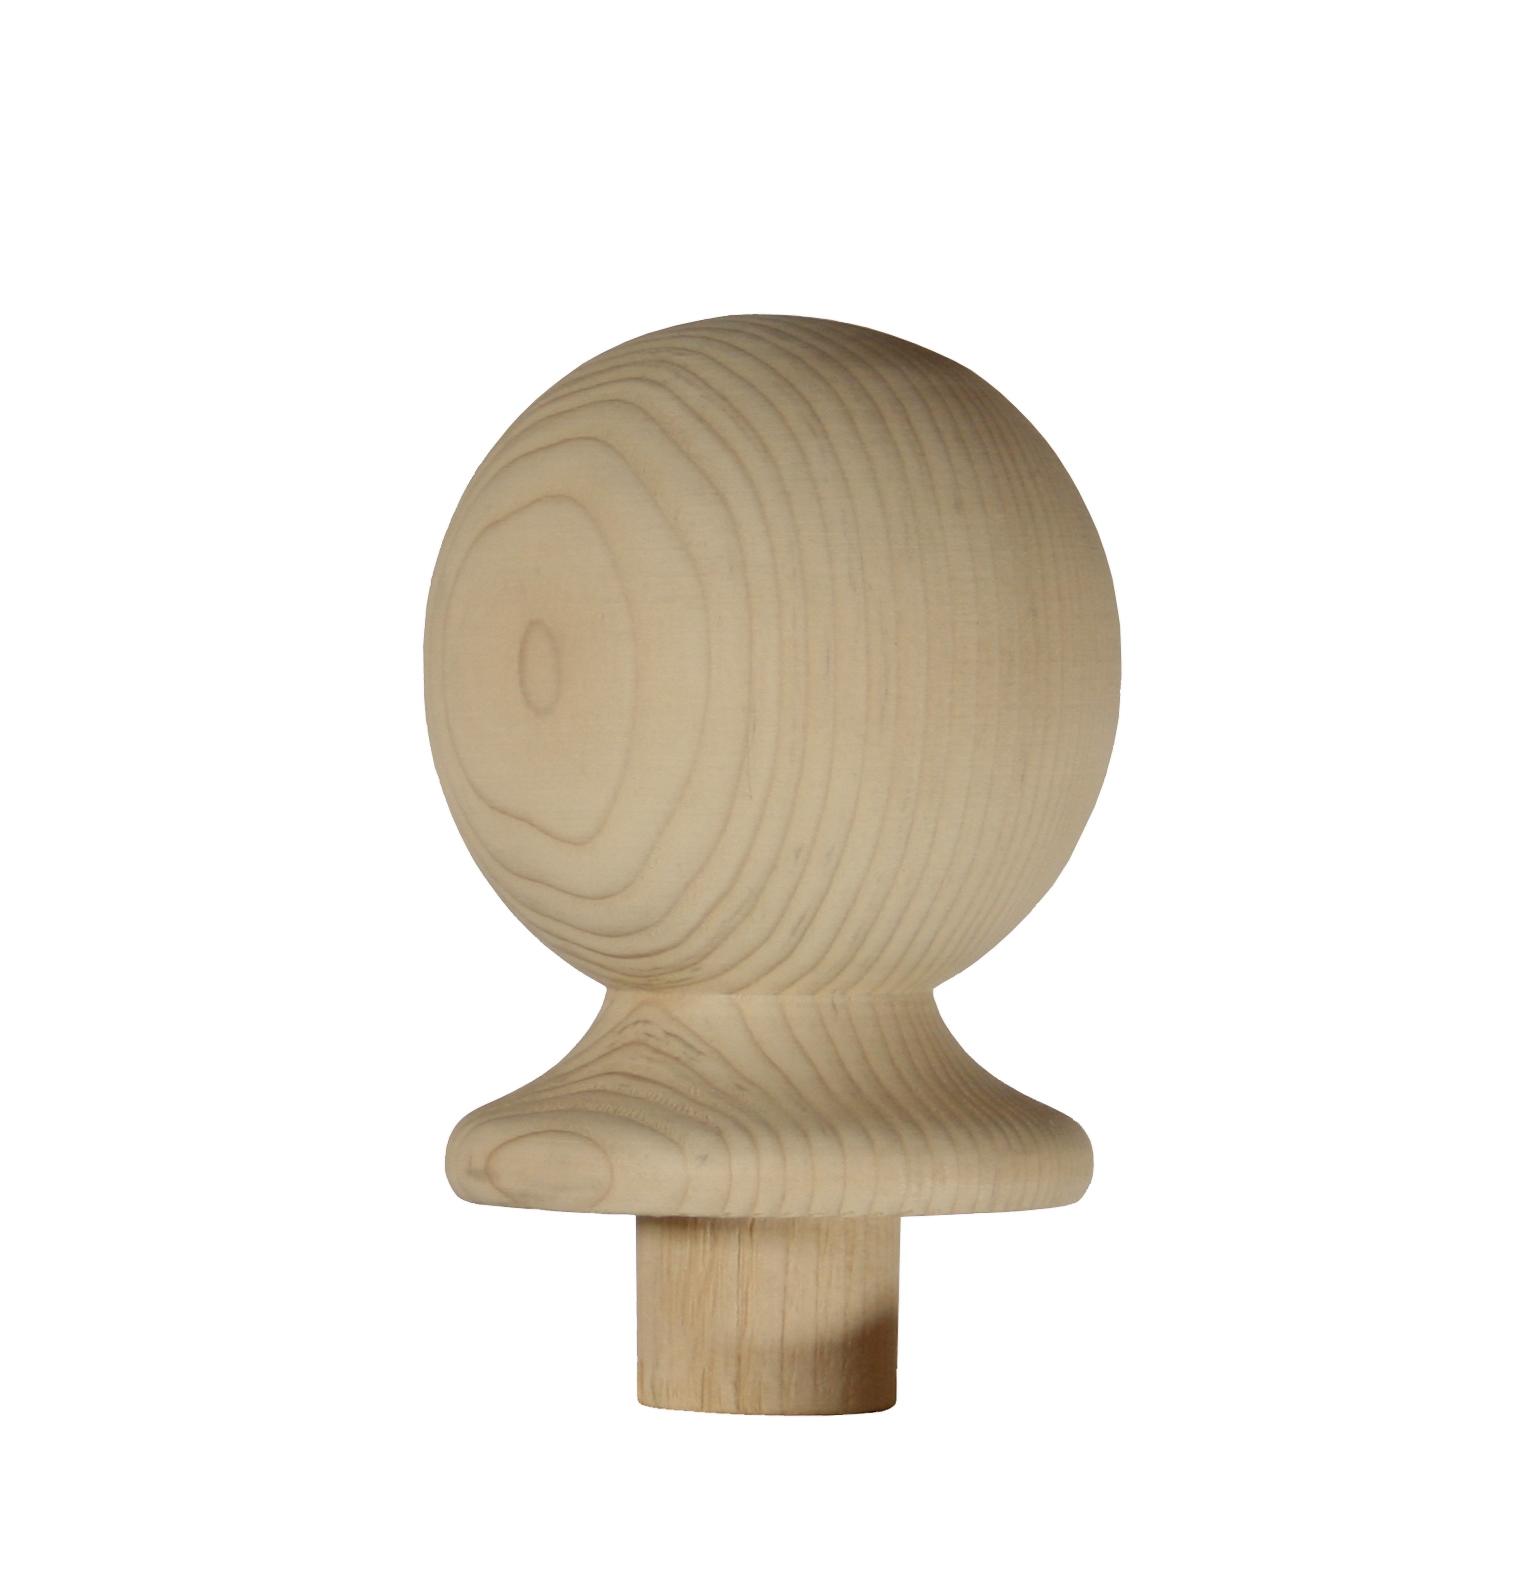 1 Hemlock Ball Newel Cap 90